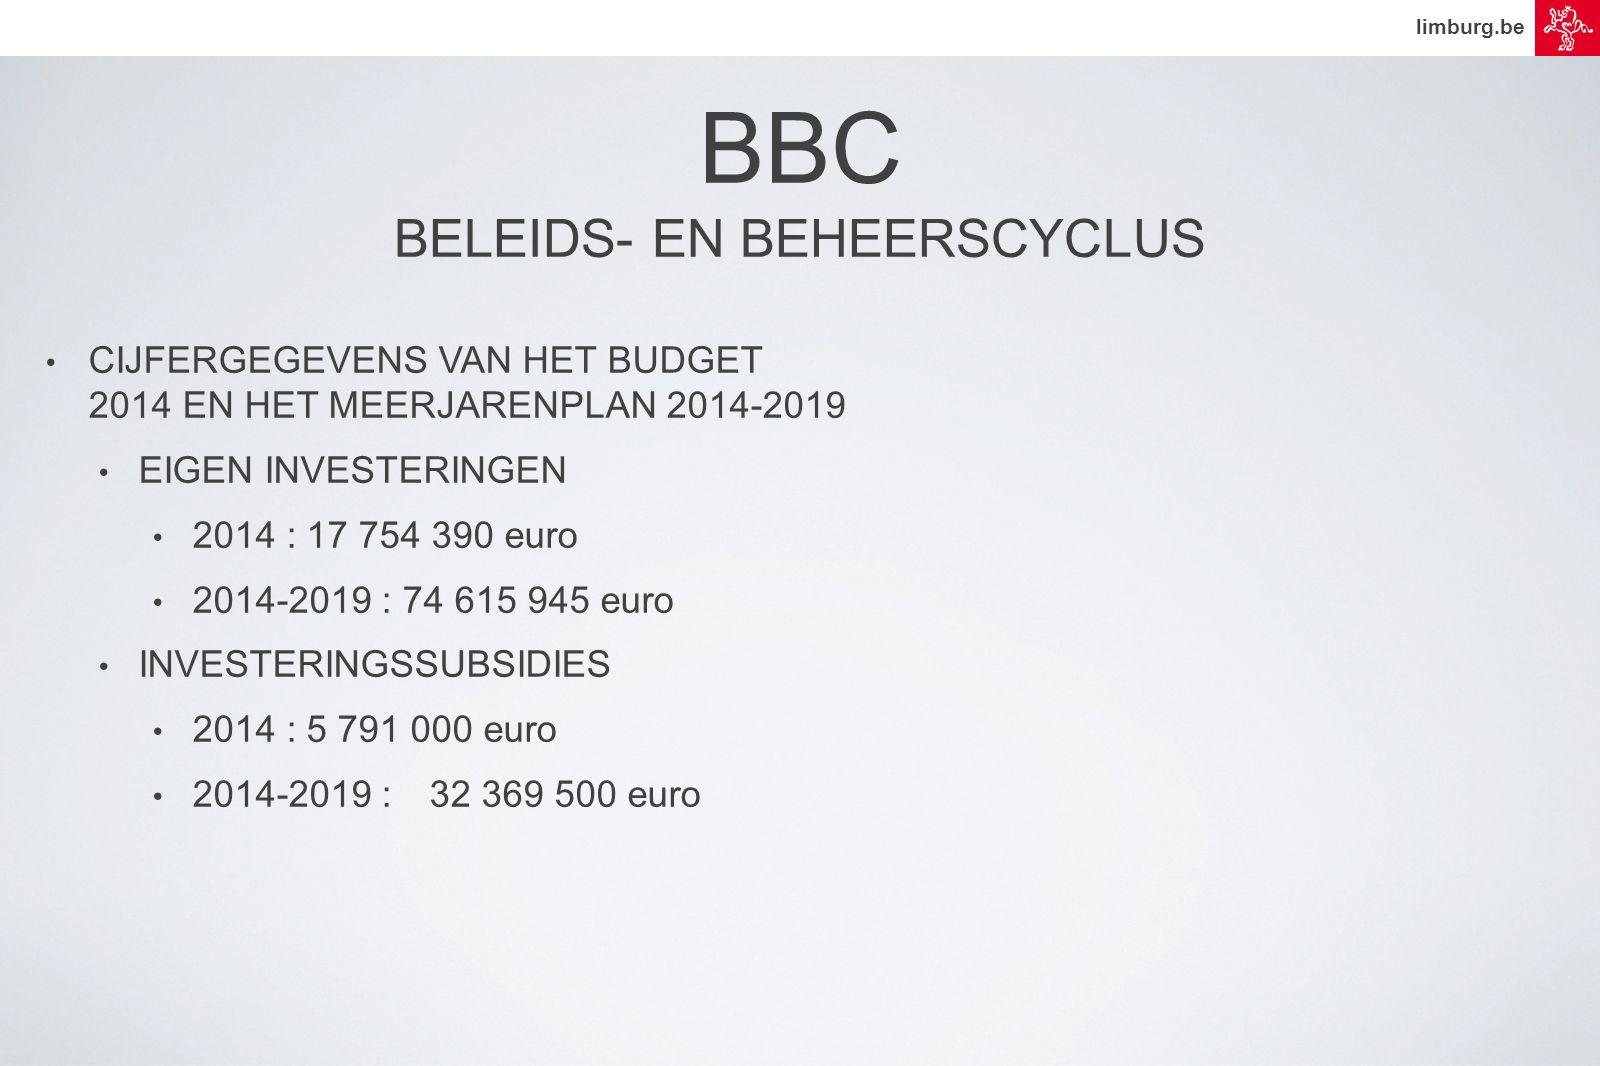 limburg.be • CIJFERGEGEVENS VAN HET BUDGET 2014 EN HET MEERJARENPLAN 2014-2019 • EIGEN INVESTERINGEN • 2014 : 17 754 390 euro • 2014-2019 : 74 615 945 euro • INVESTERINGSSUBSIDIES • 2014 : 5 791 000 euro • 2014-2019 :32 369 500 euro BBC BELEIDS- EN BEHEERSCYCLUS